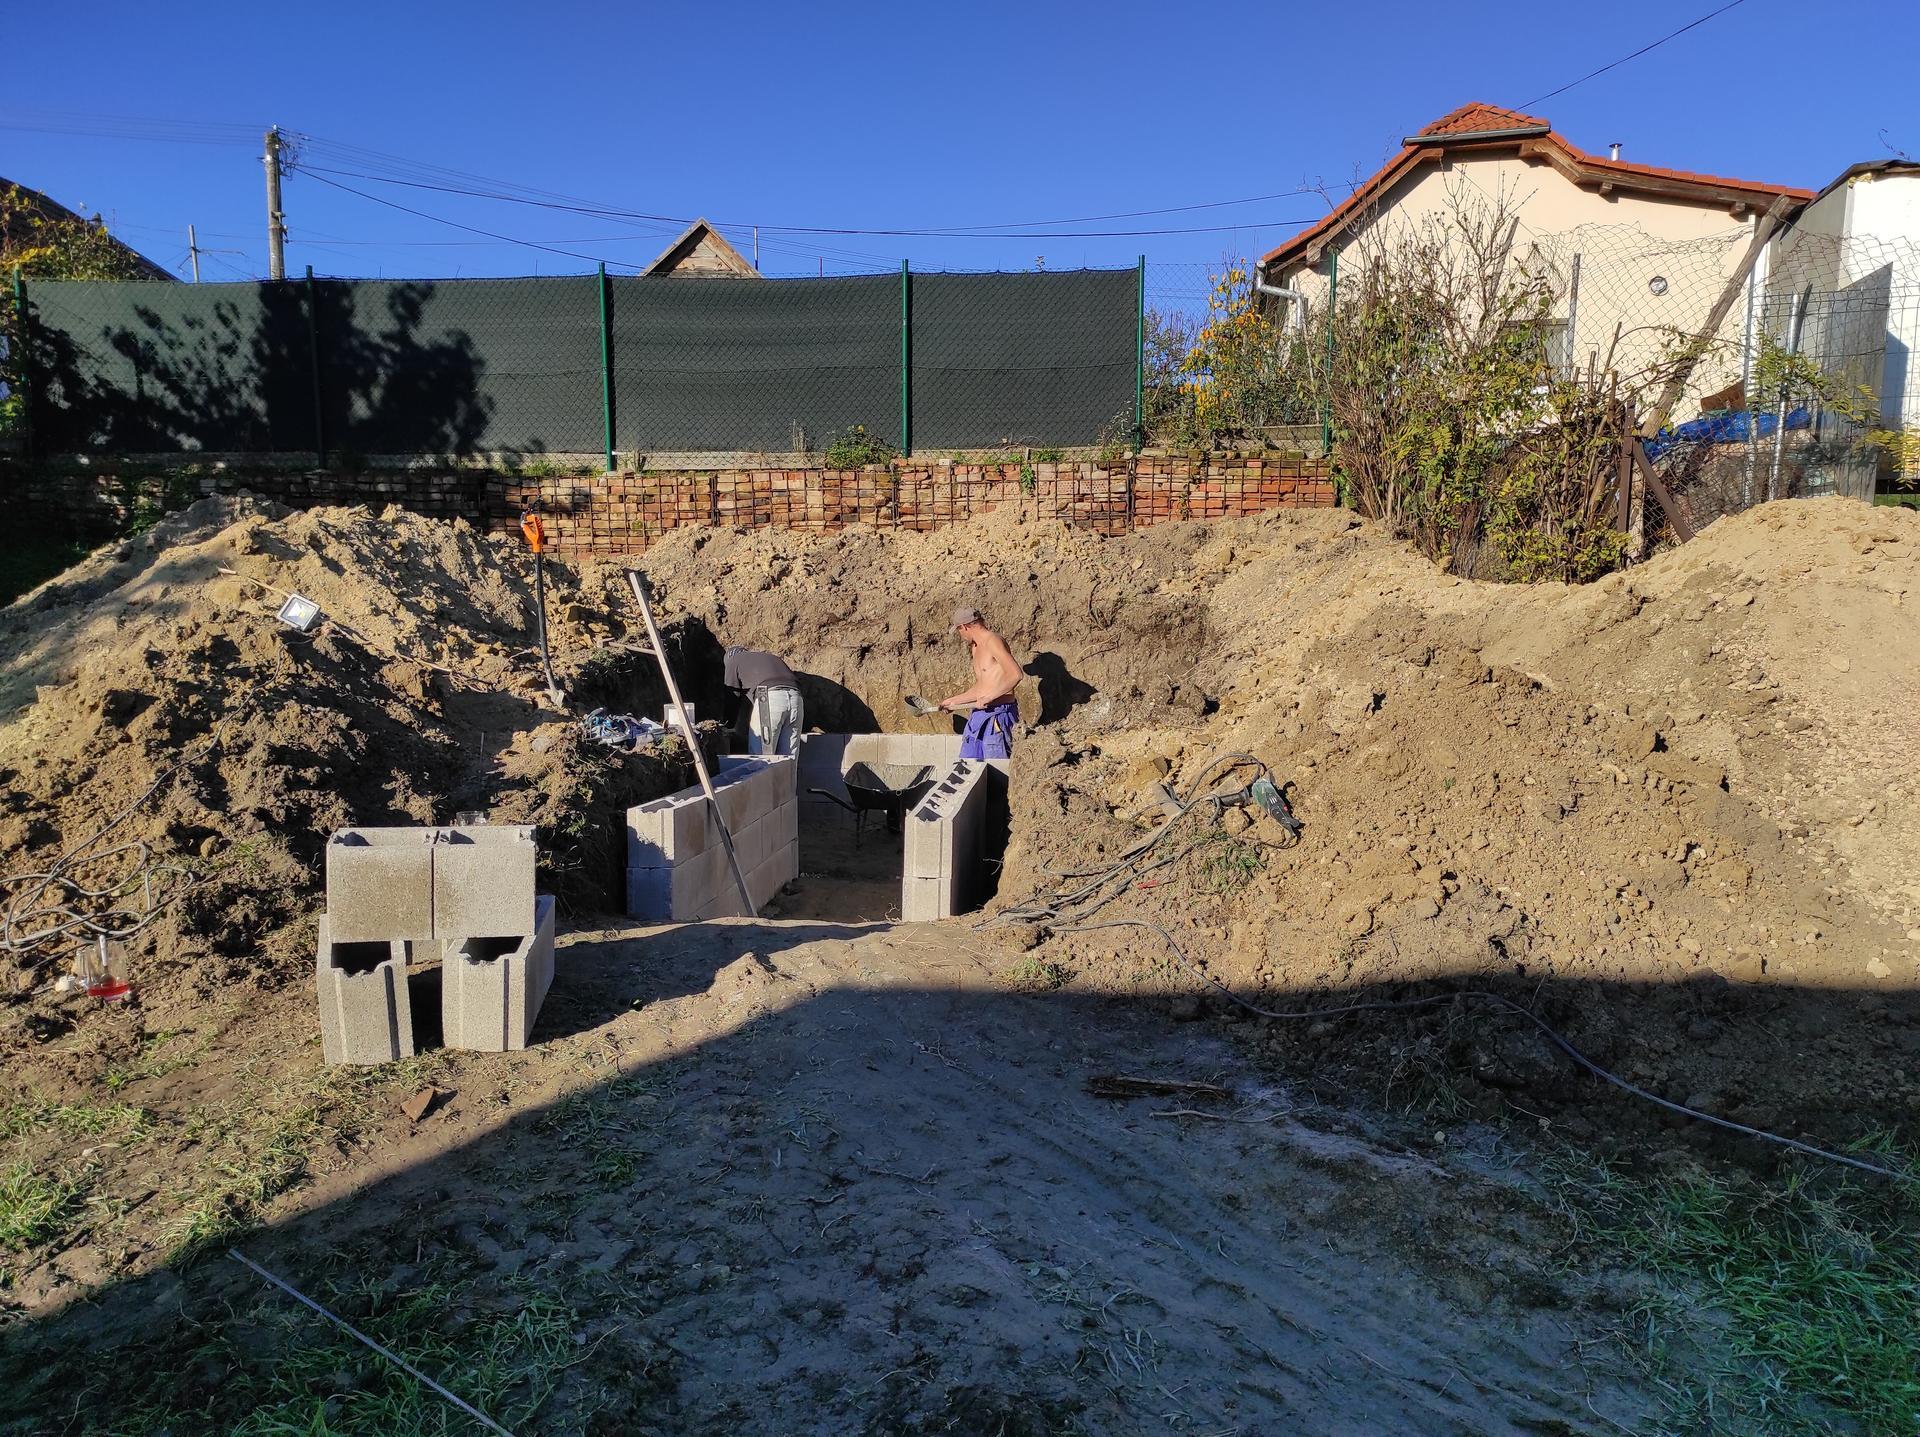 Pivnicka v záhrade - treba si dobre premysliet vysku, ako hlboko zasadit do zeme, kolko nad zem,kolko chceme schodov, ako vysoko je spodna voda ci chceme mat na malom pozemku hrb a podobne...